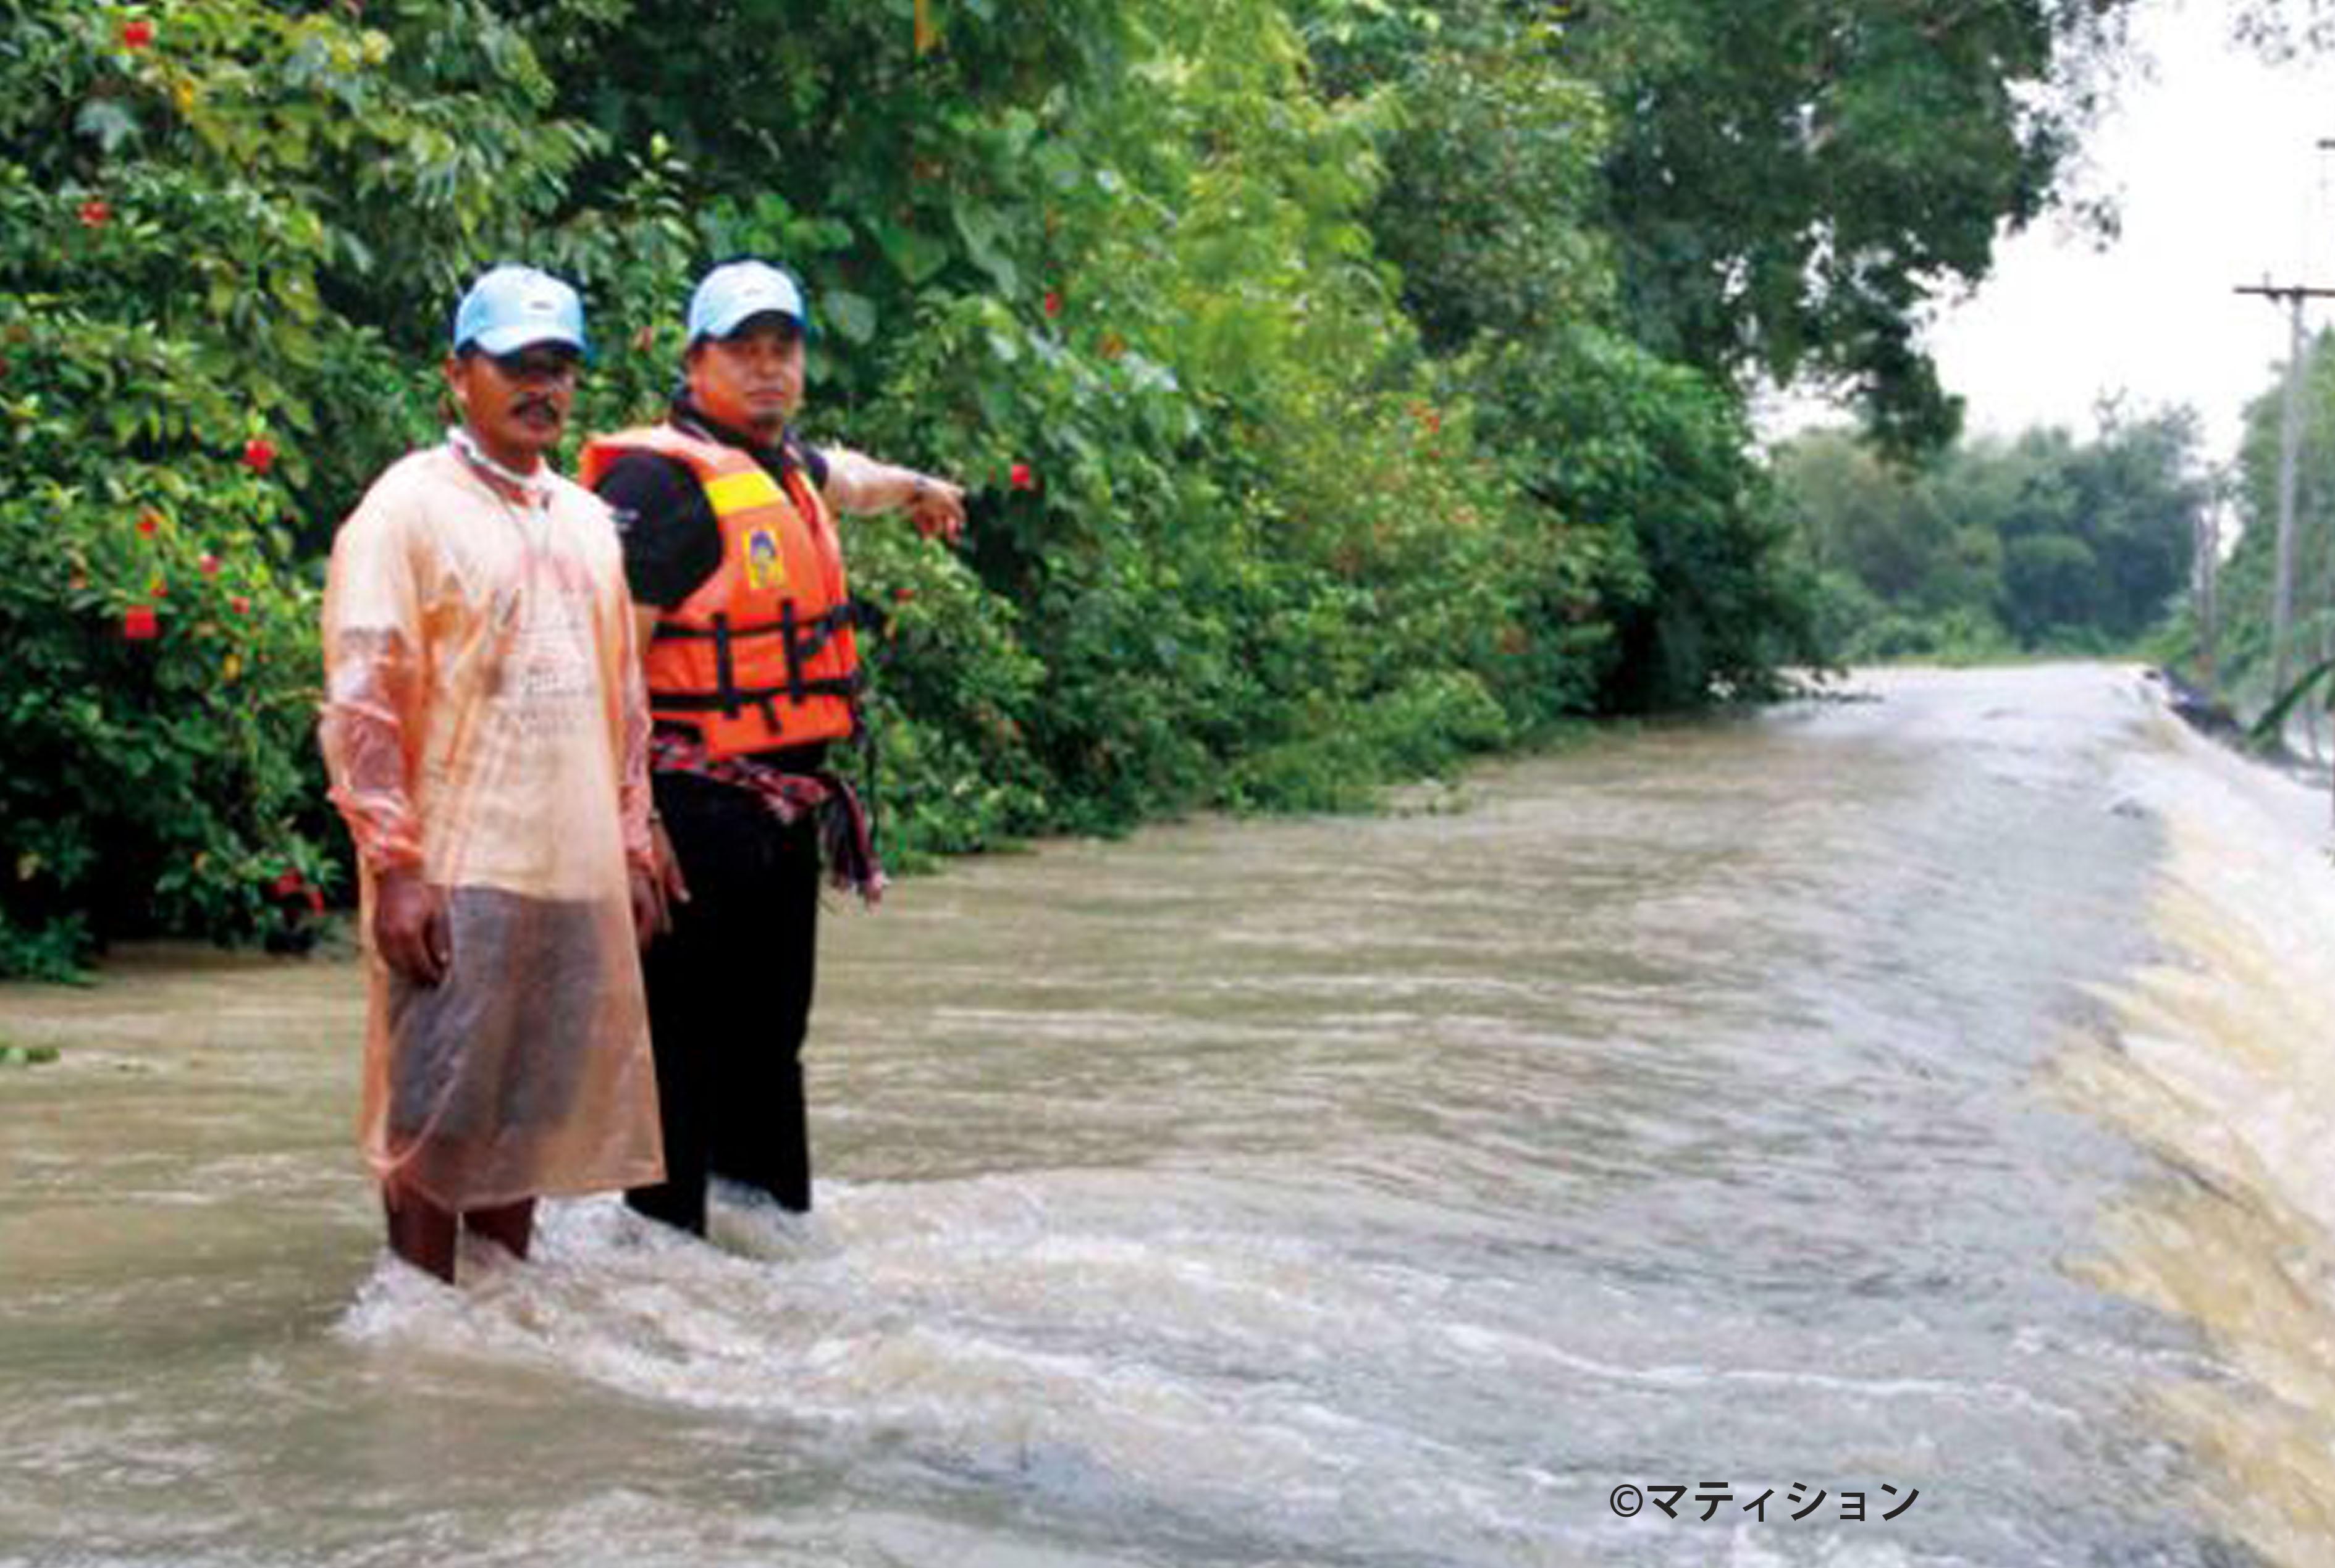 タイ南部で大洪水、被害なお続く - ワイズデジタル【タイで生活する人のための情報サイト】